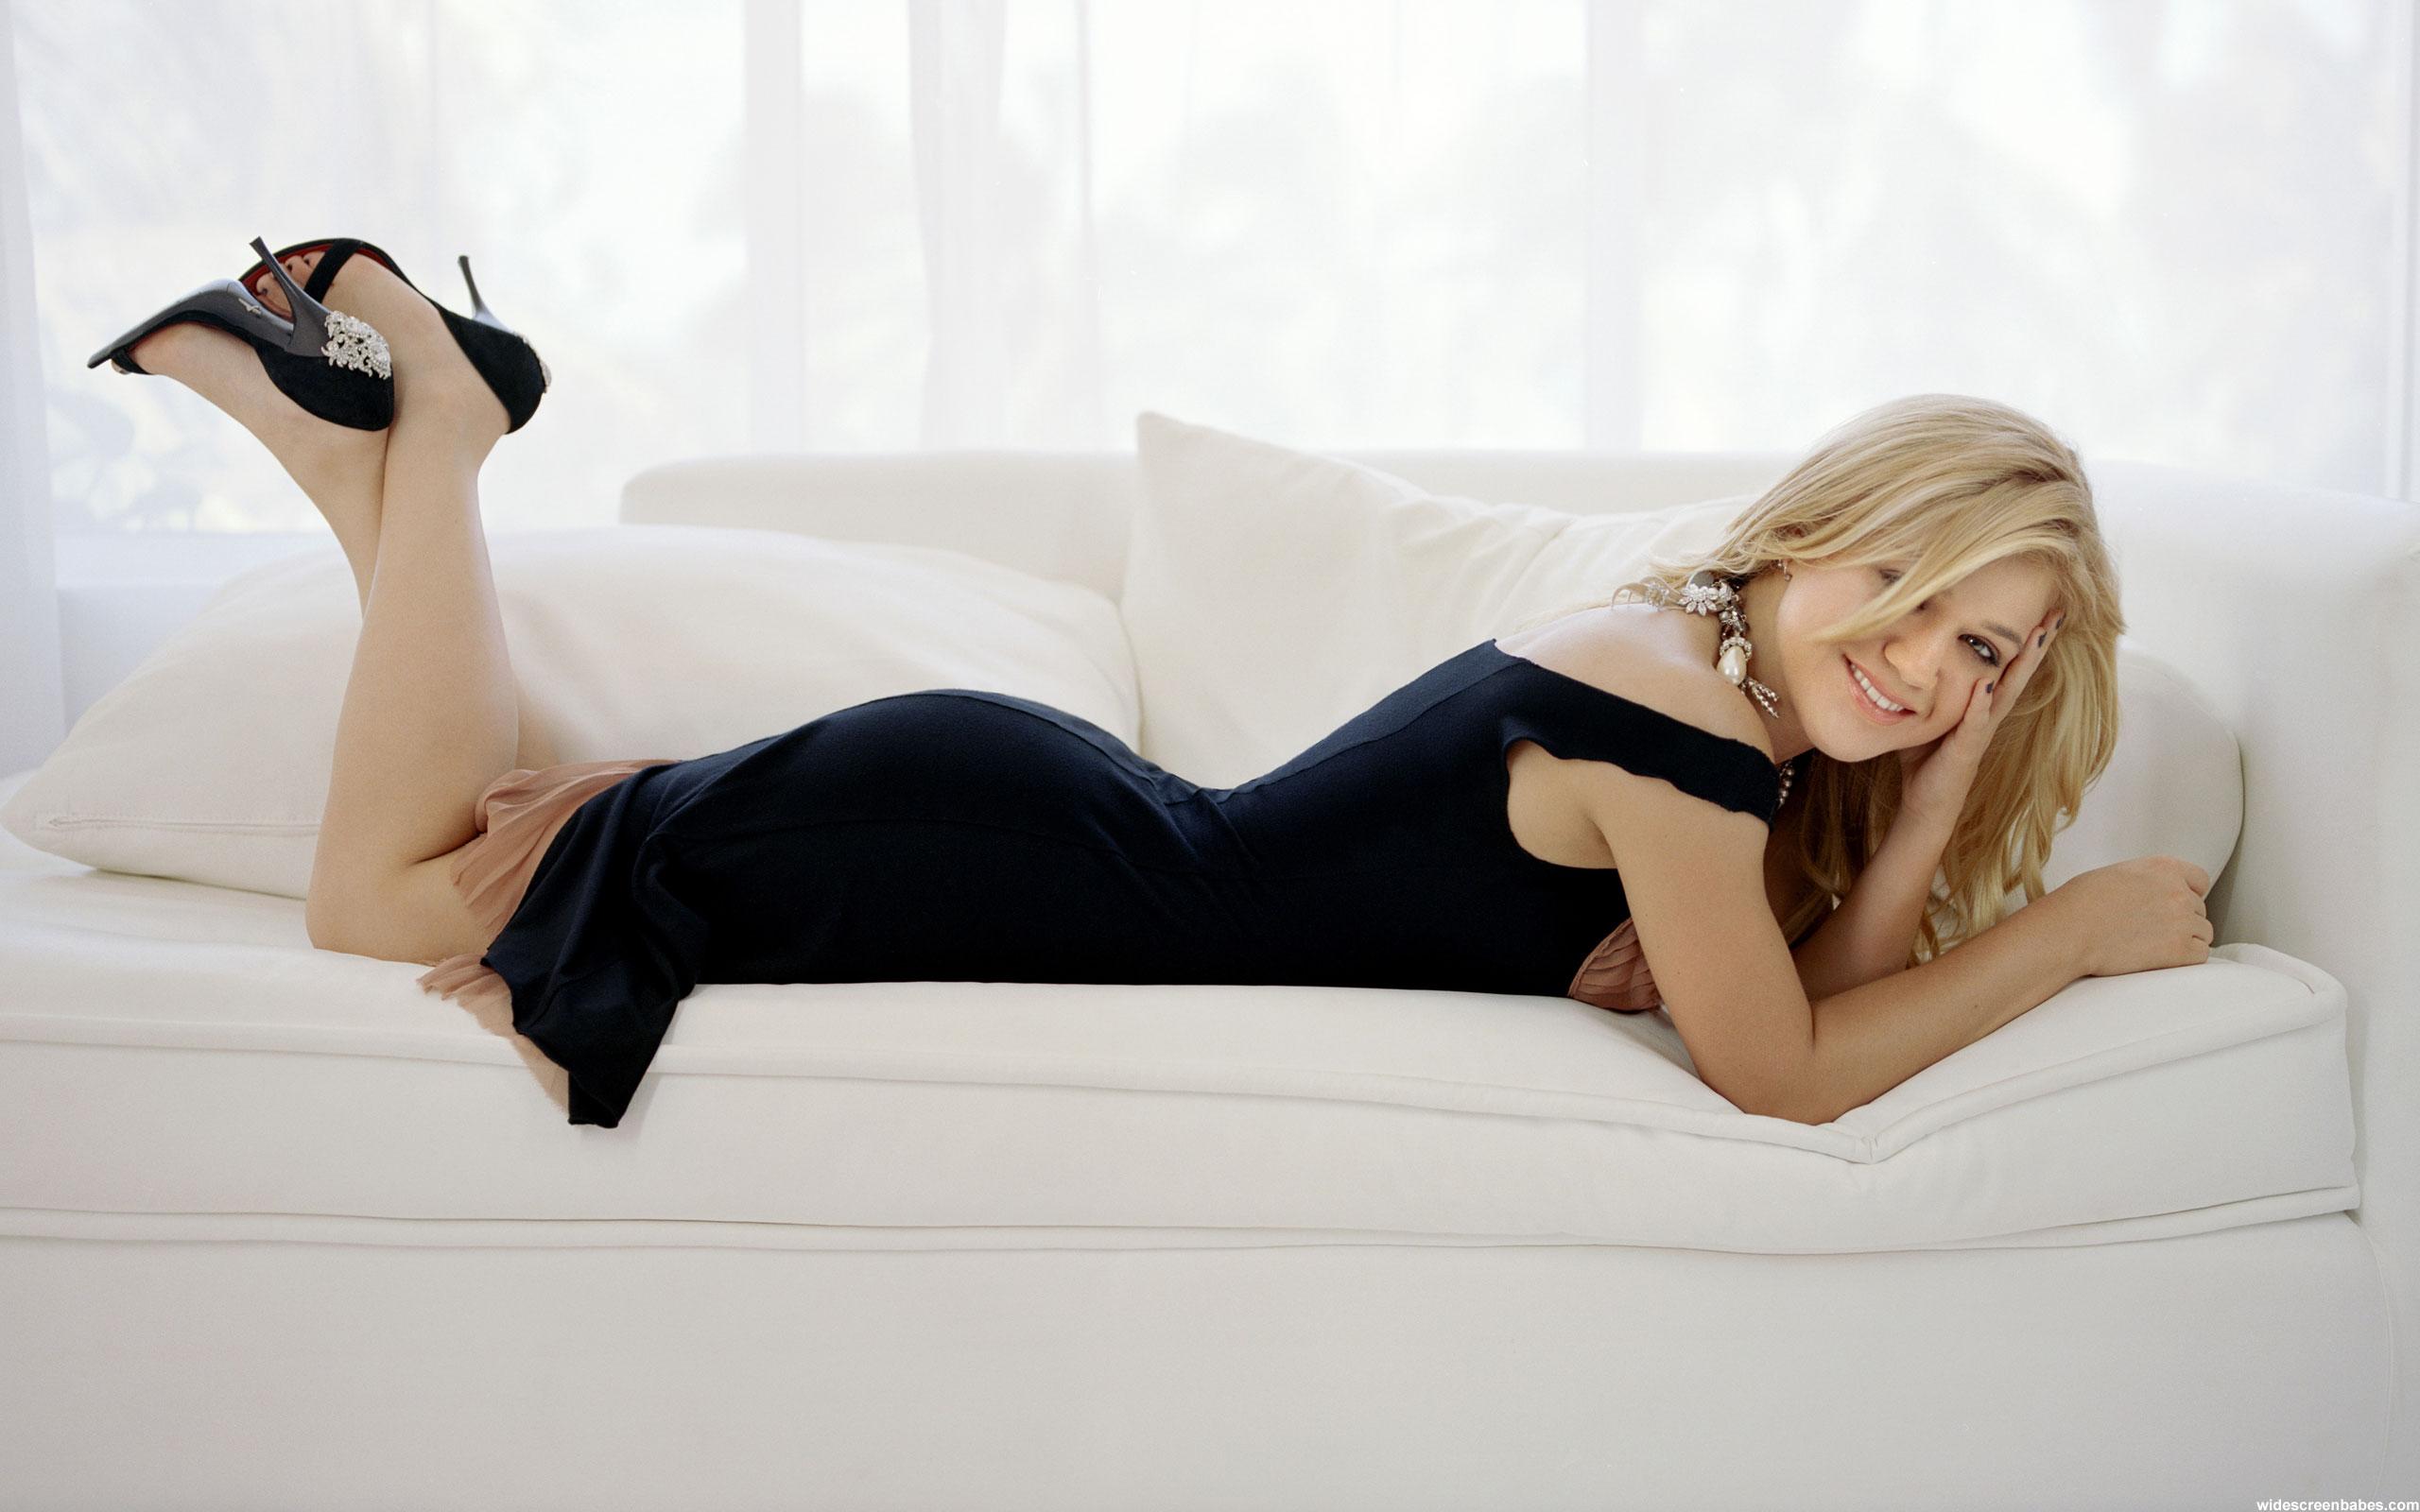 Профессиональные снимки молодой модели на белом диване  552965